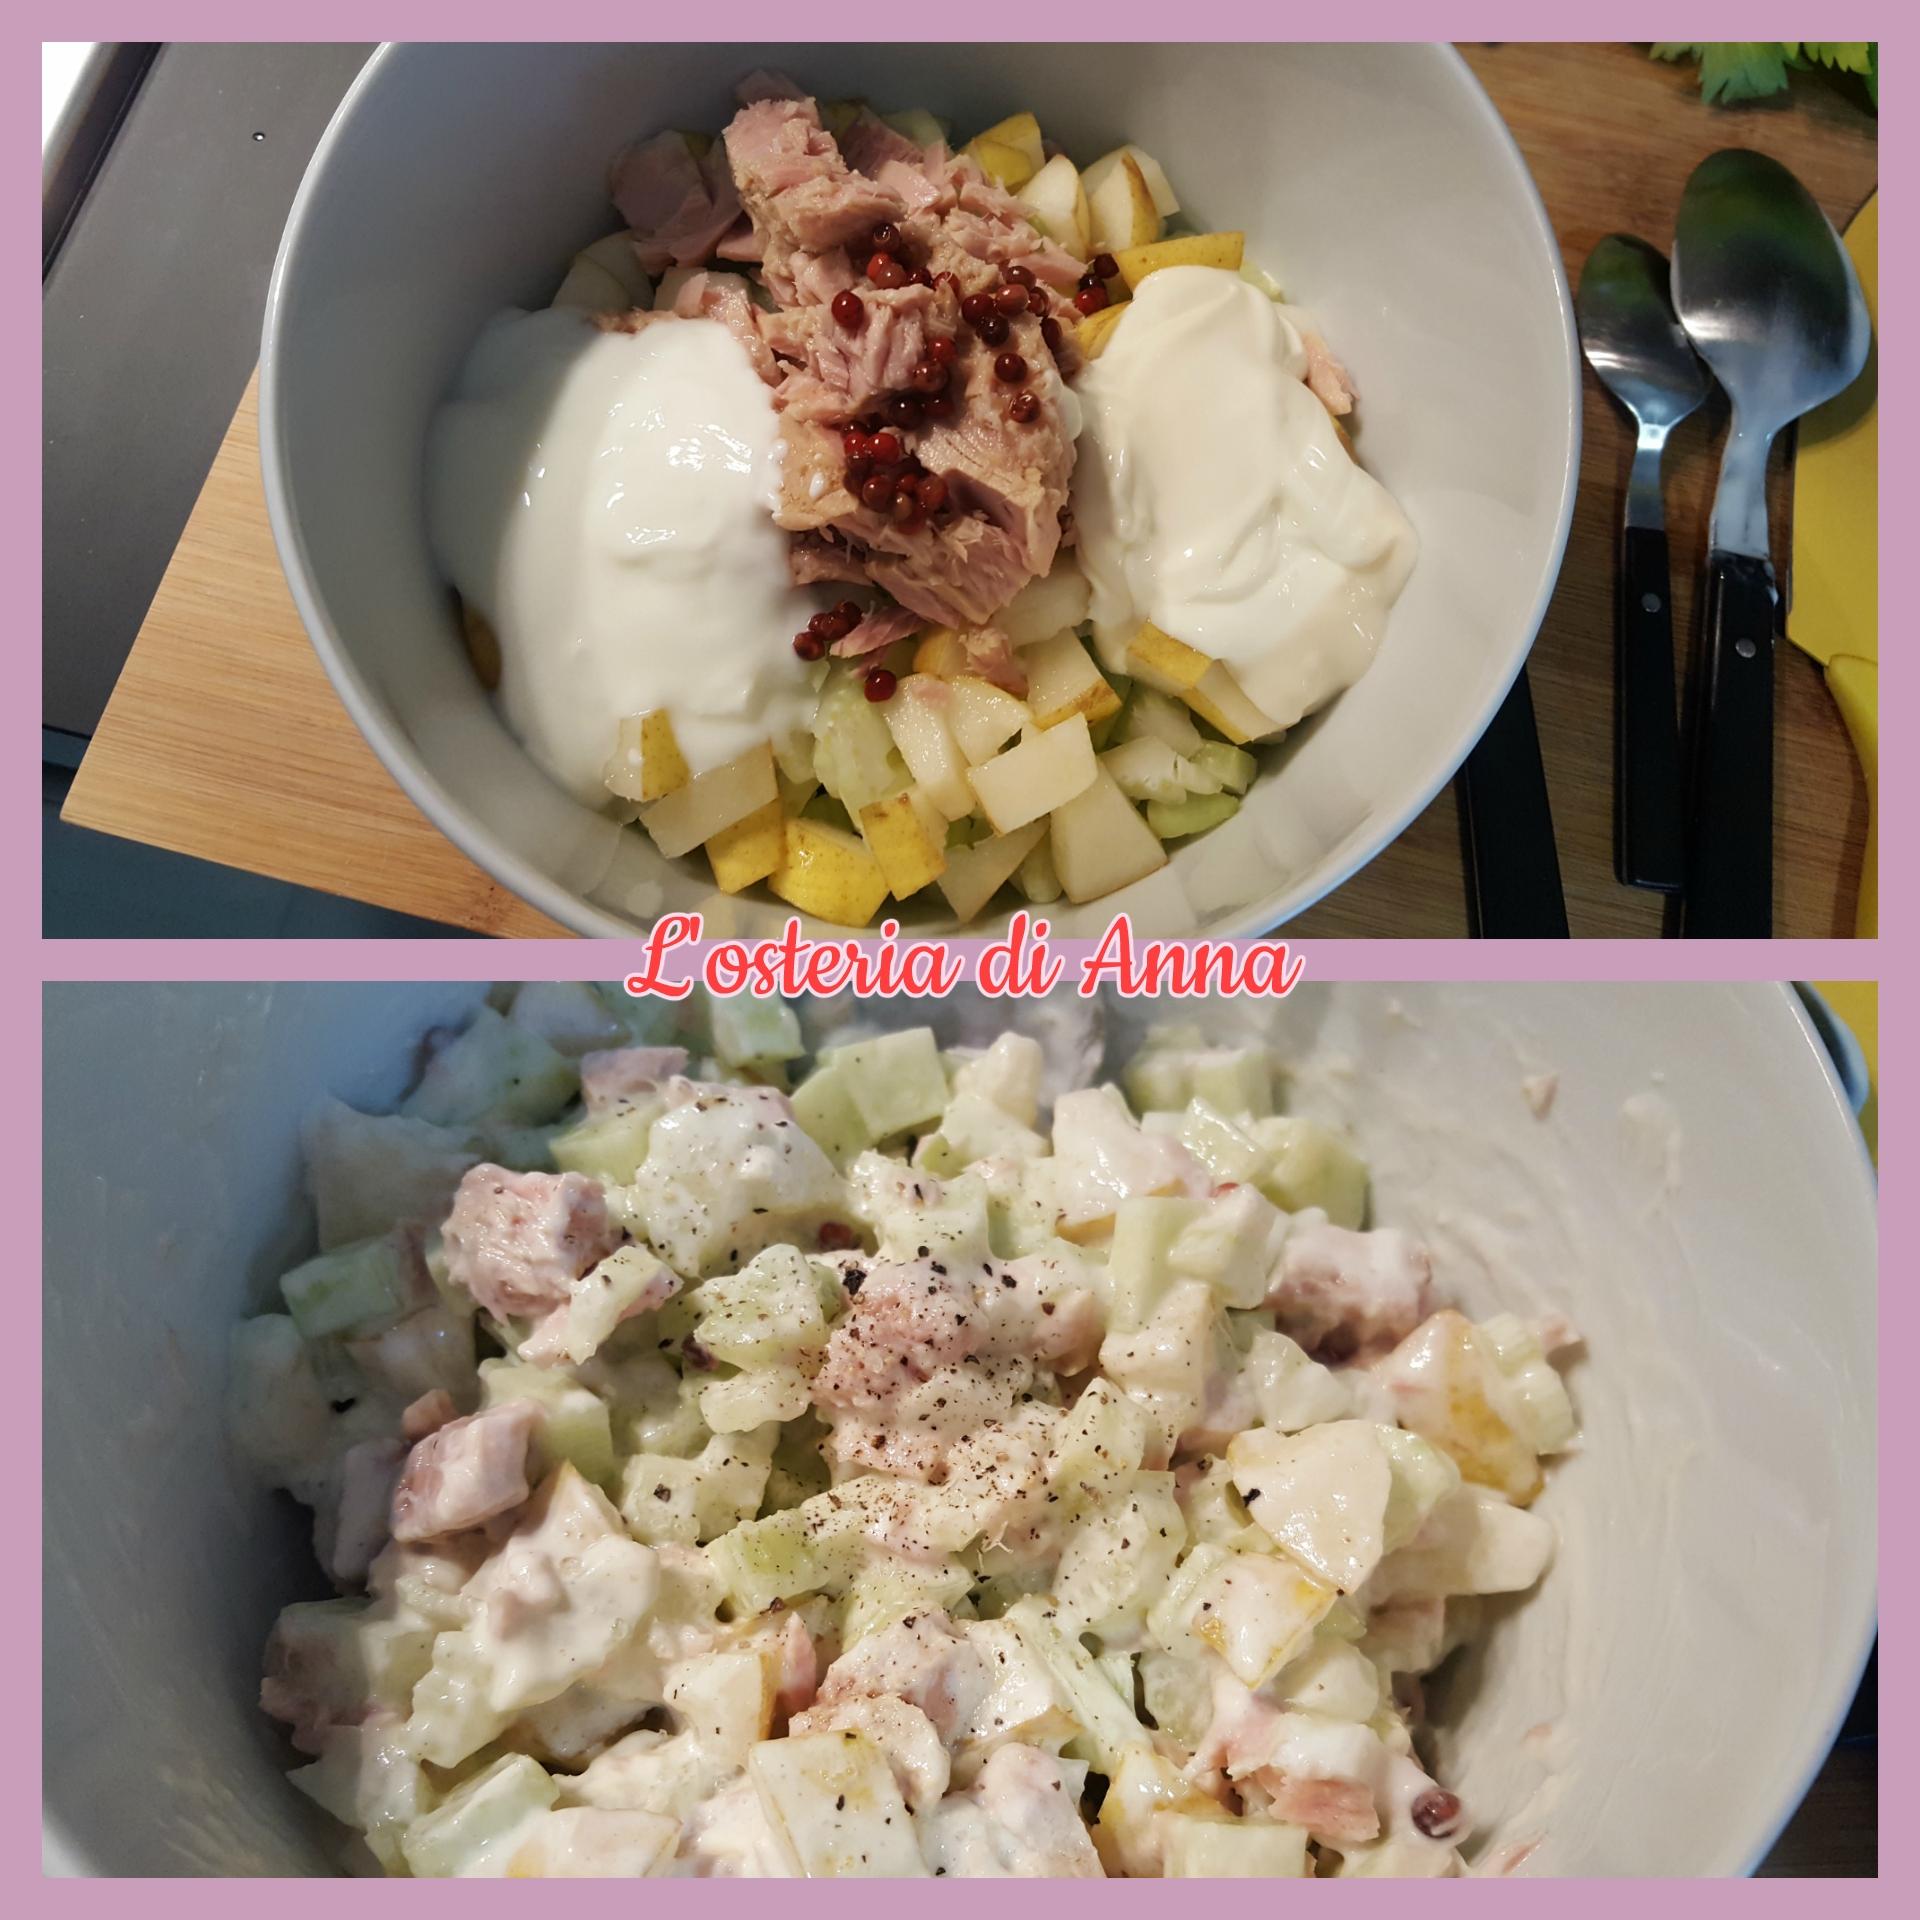 L'aggiunta di maionese e yogurt bianco all'insalata croccante